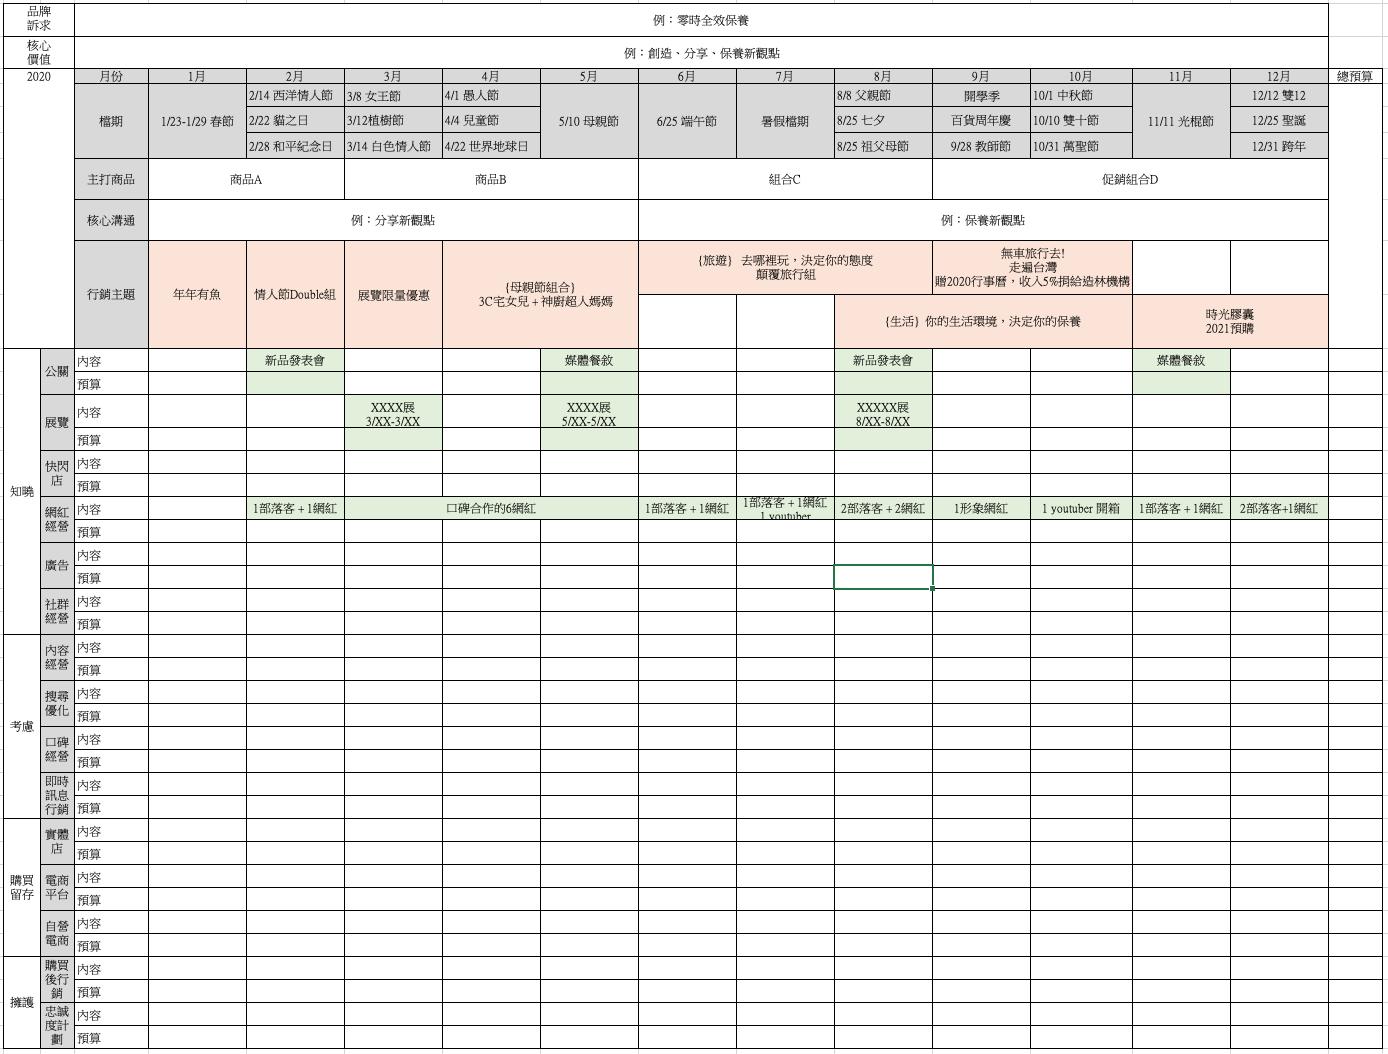 【品牌工具包】2020品牌行銷時間表-內附Excel檔